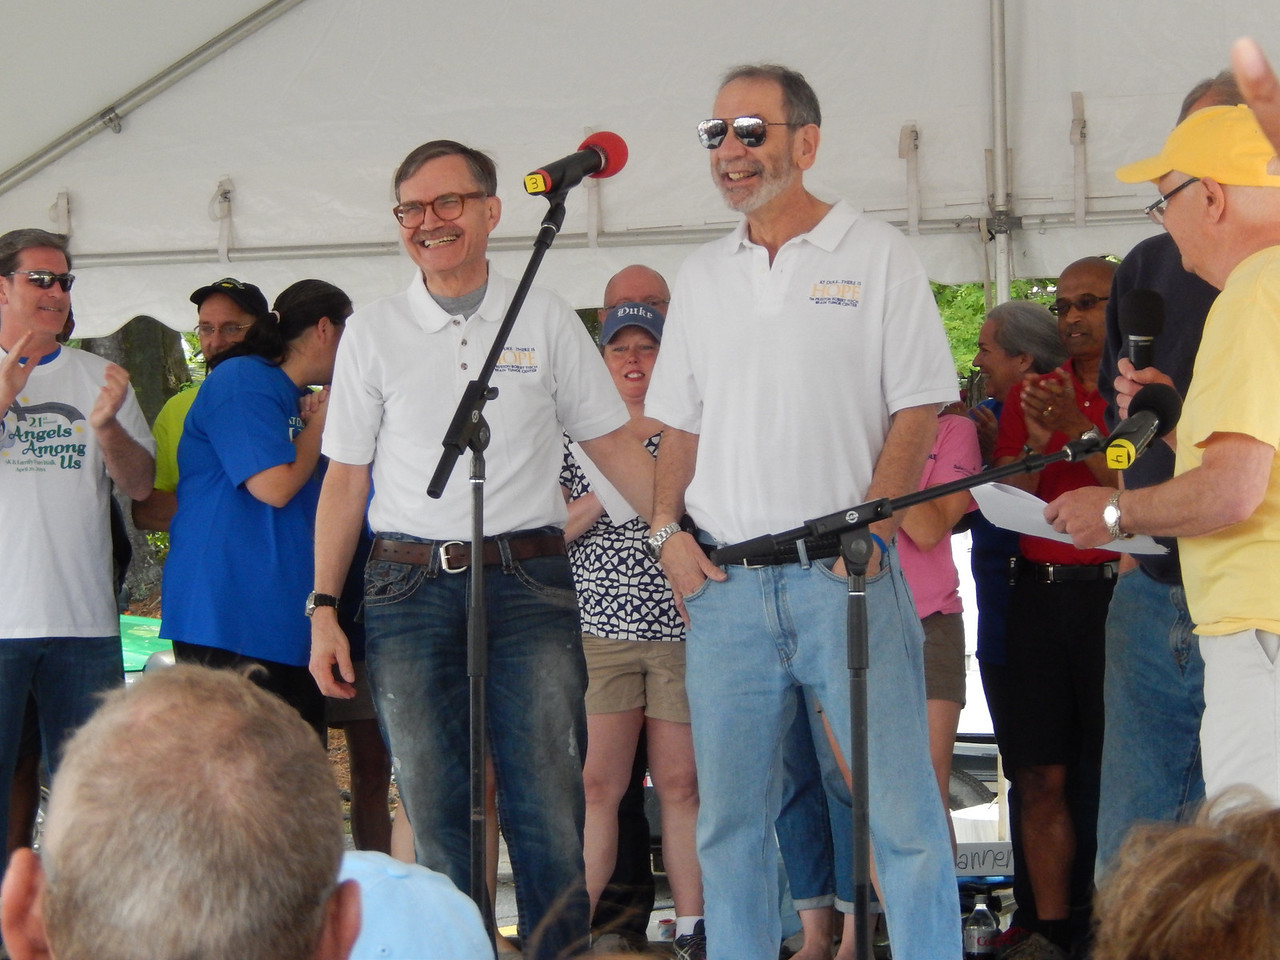 Drs. Allan Friedman and Henry Friedman